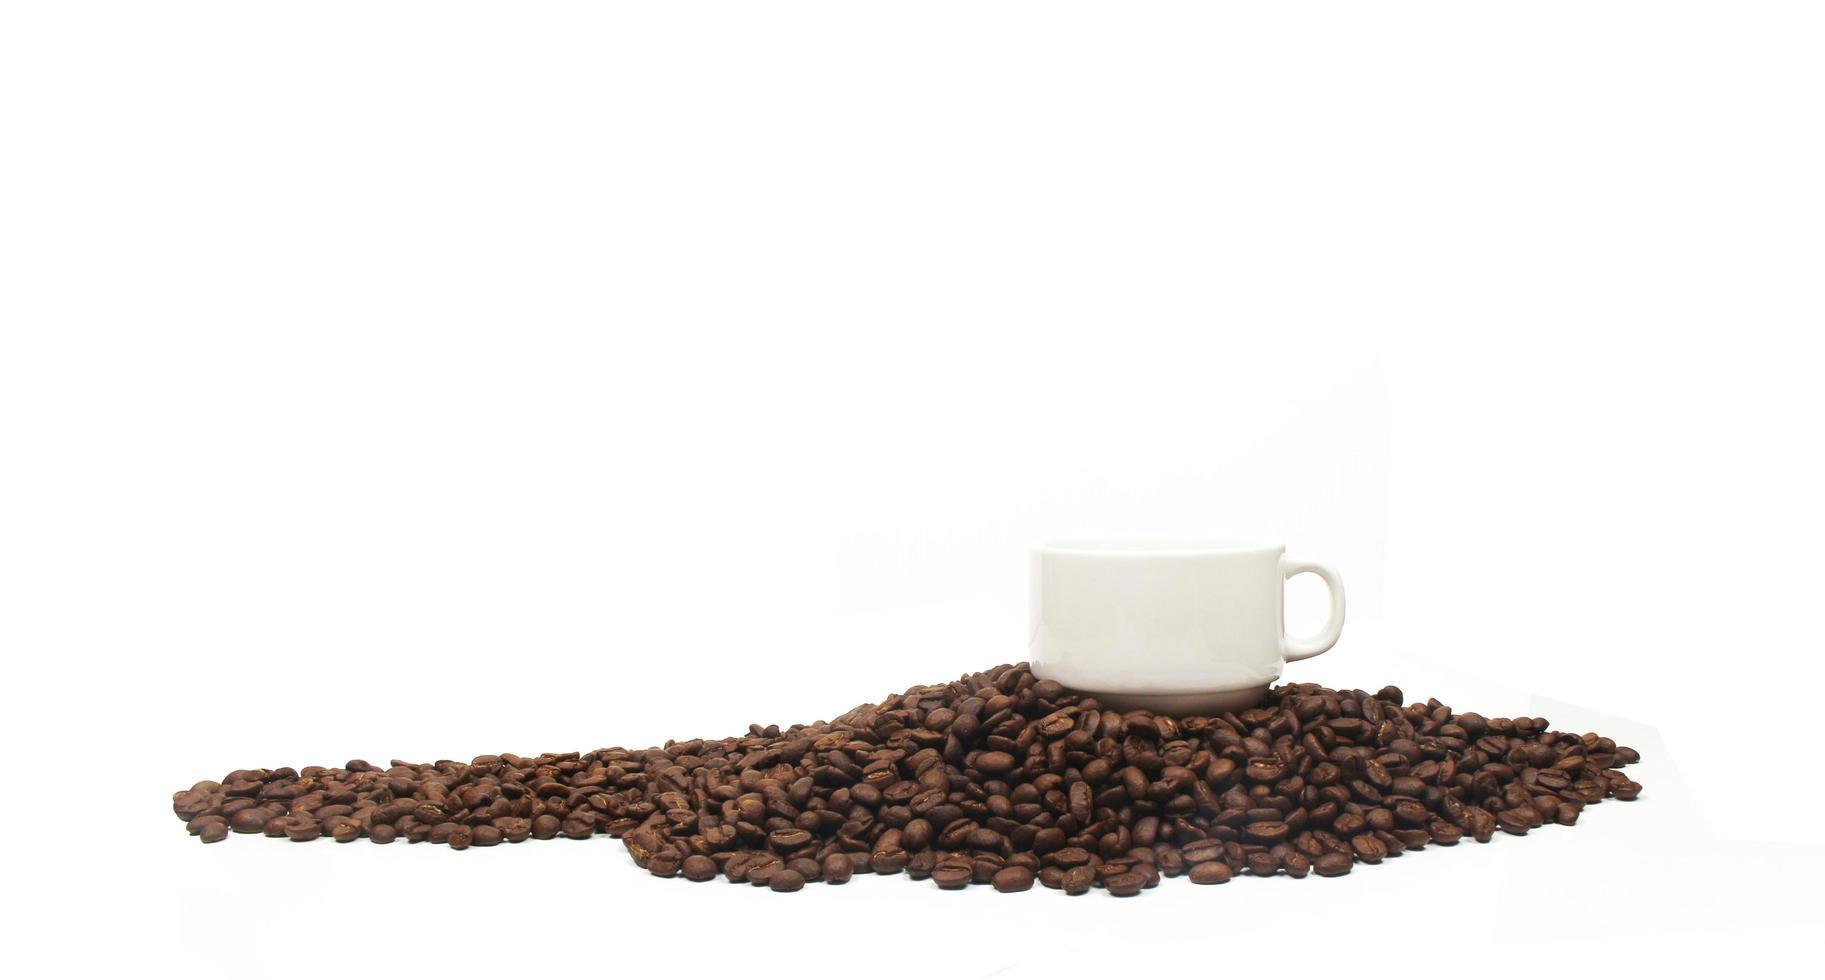 taza y granos de cafe foto